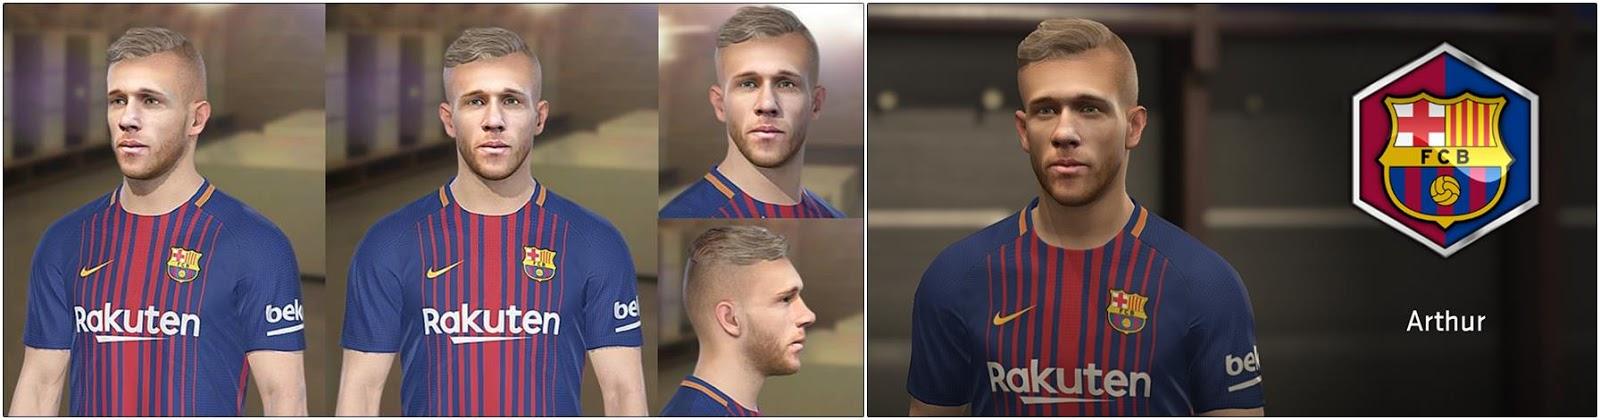 وجه لاعب برشلونة الجديد آرثر ميلو 2019 لبيس 2017 و 2018